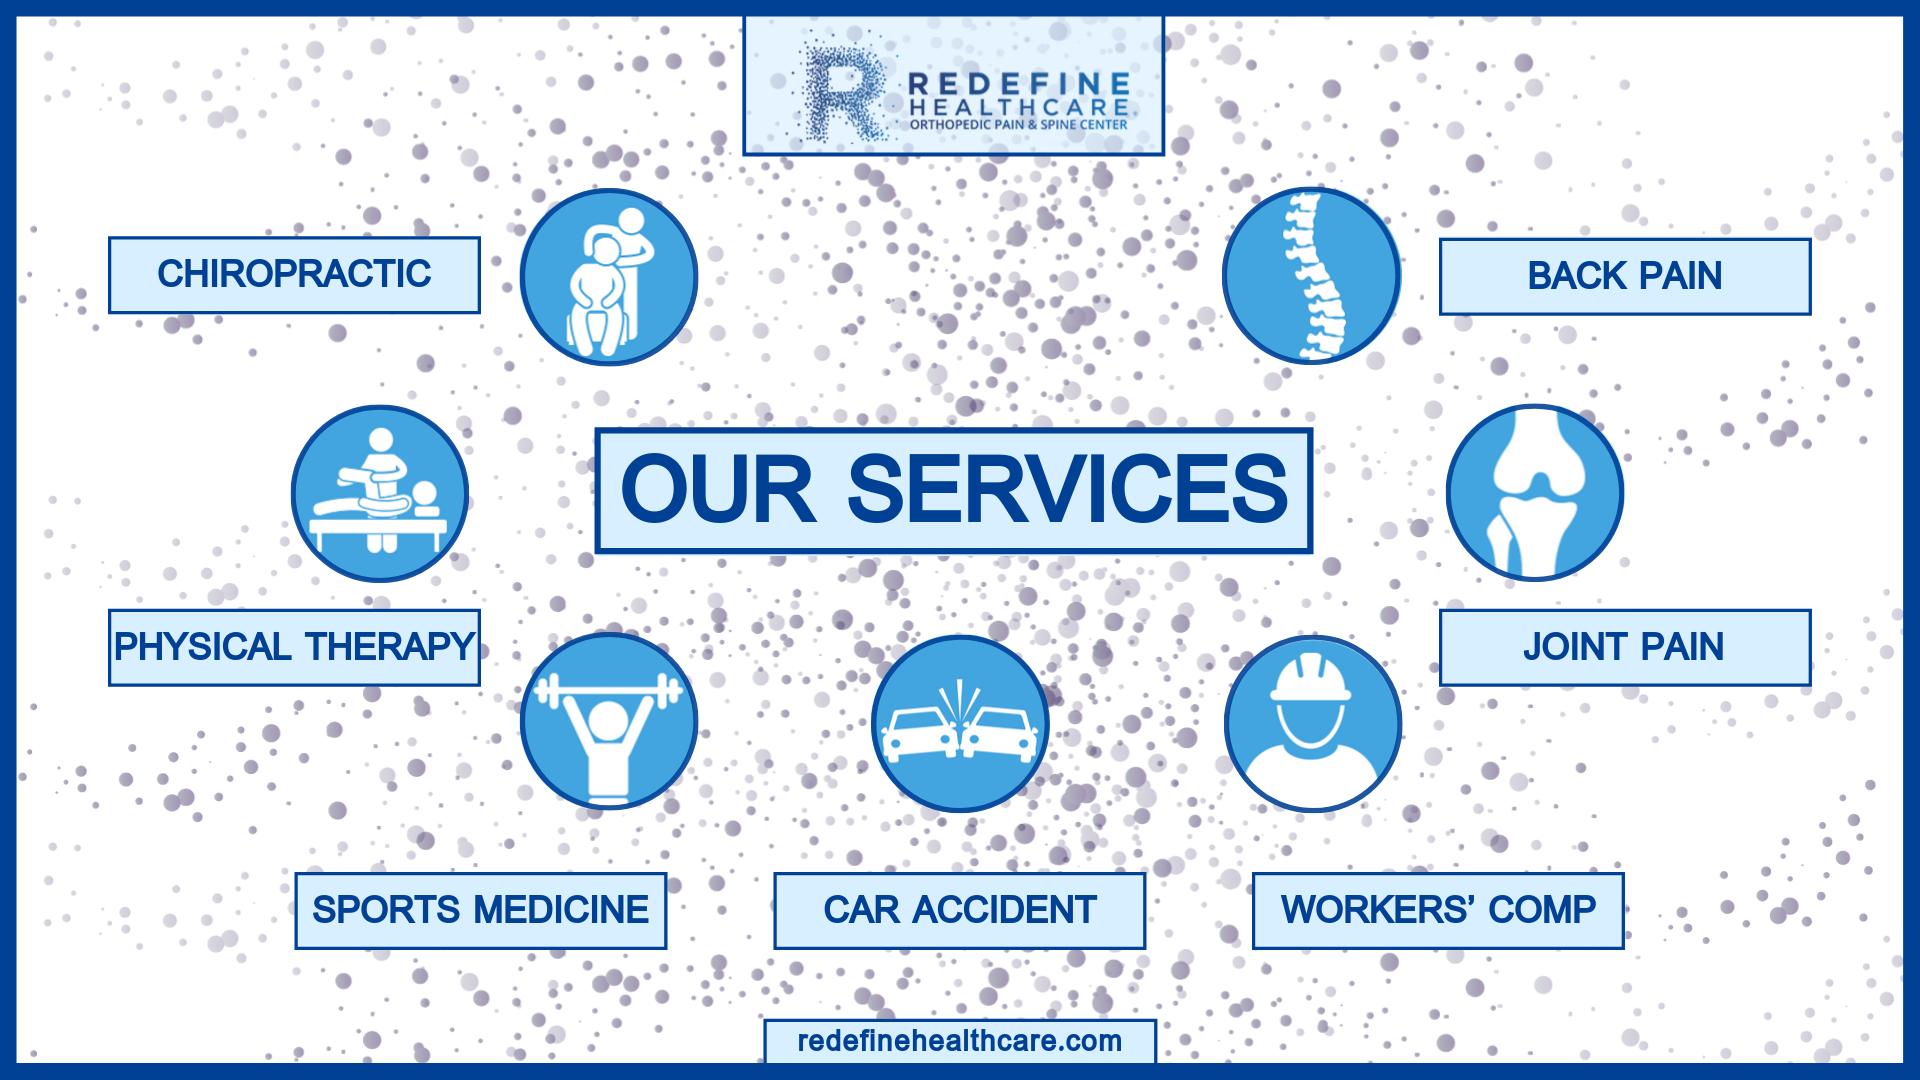 Redefine services